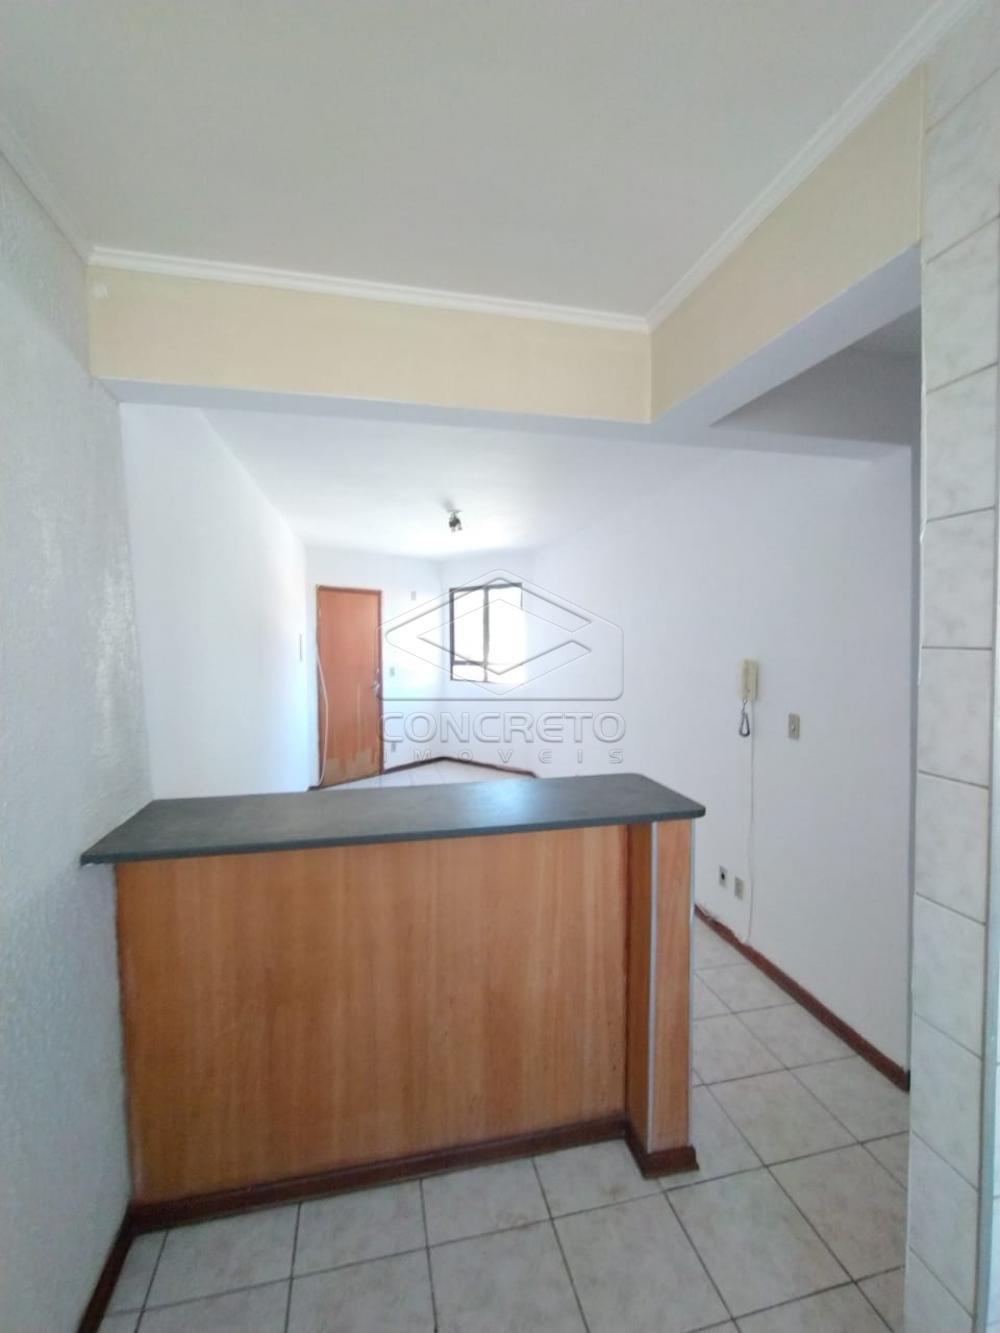 Alugar Apartamento / Padrão em Bauru R$ 700,00 - Foto 4